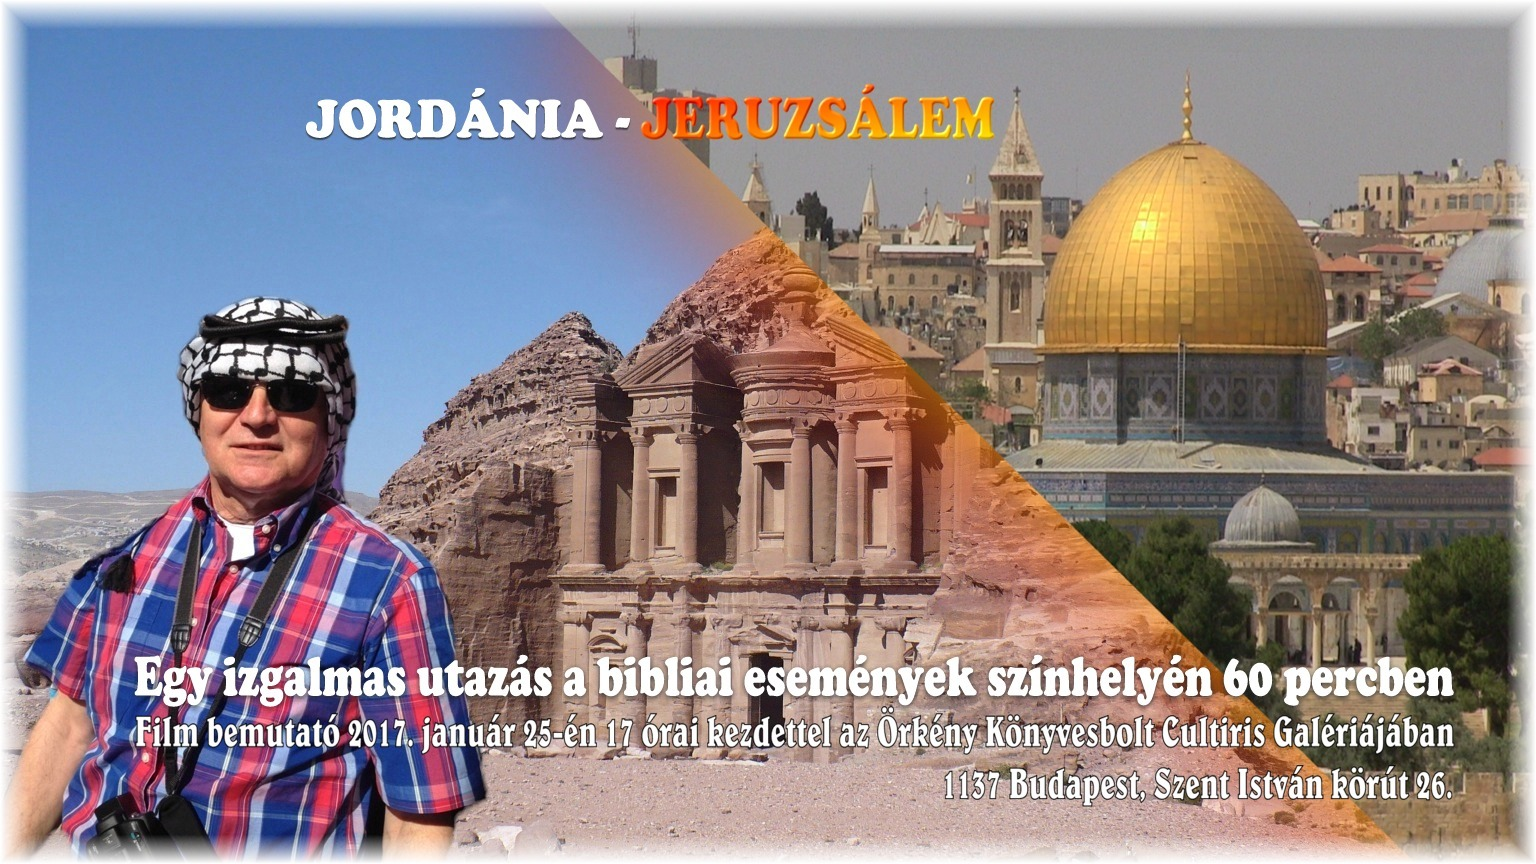 Jordánia, Jeruzsálem